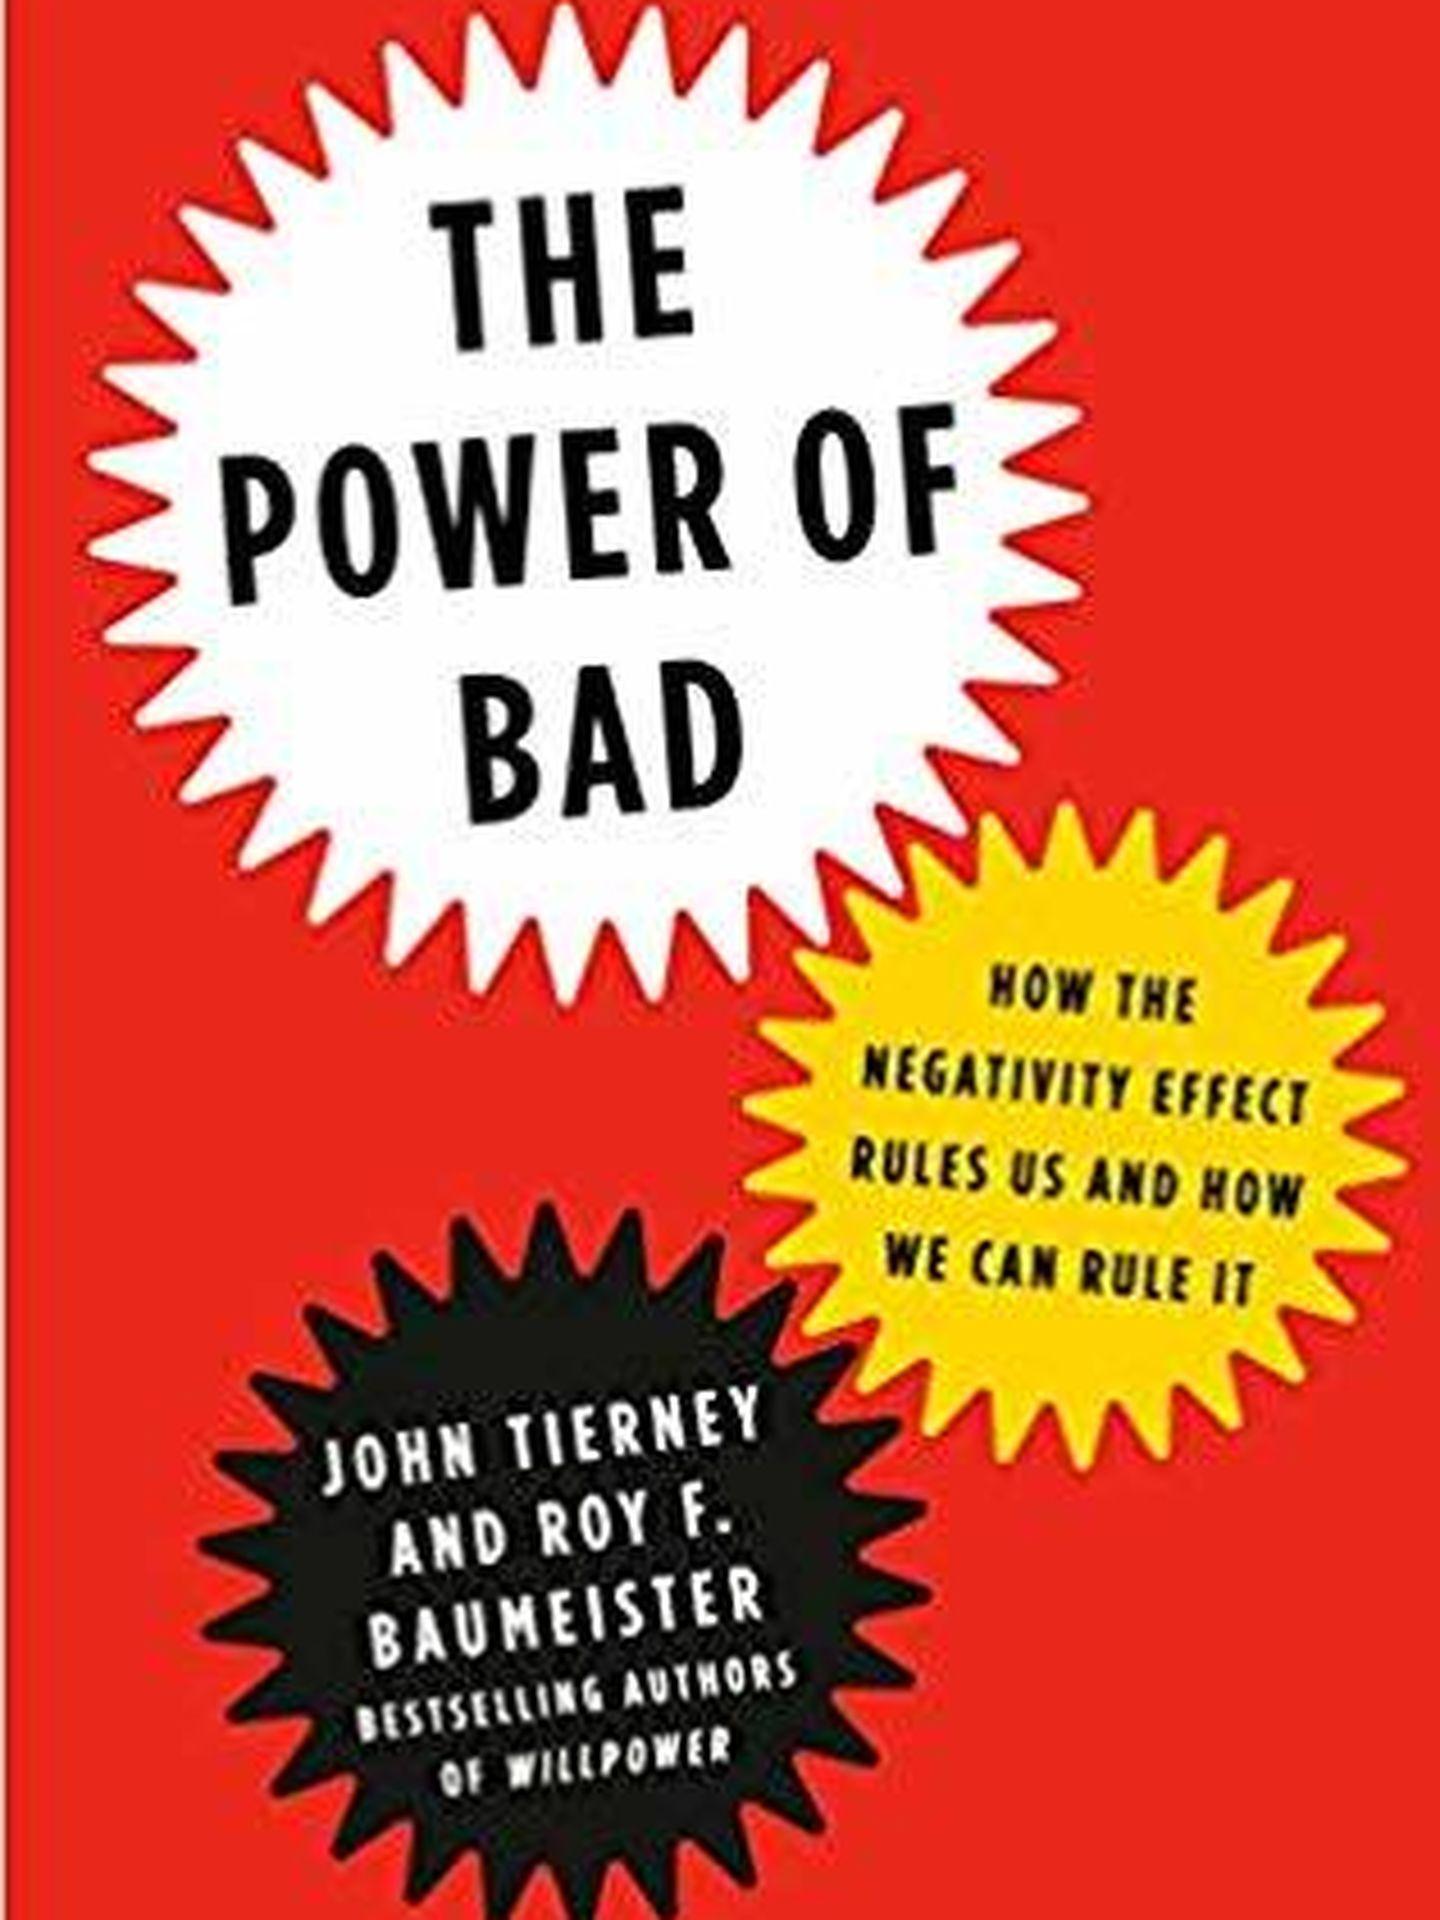 Portada de 'The Power of Bad', de John Tierney y Roy Baumeister.